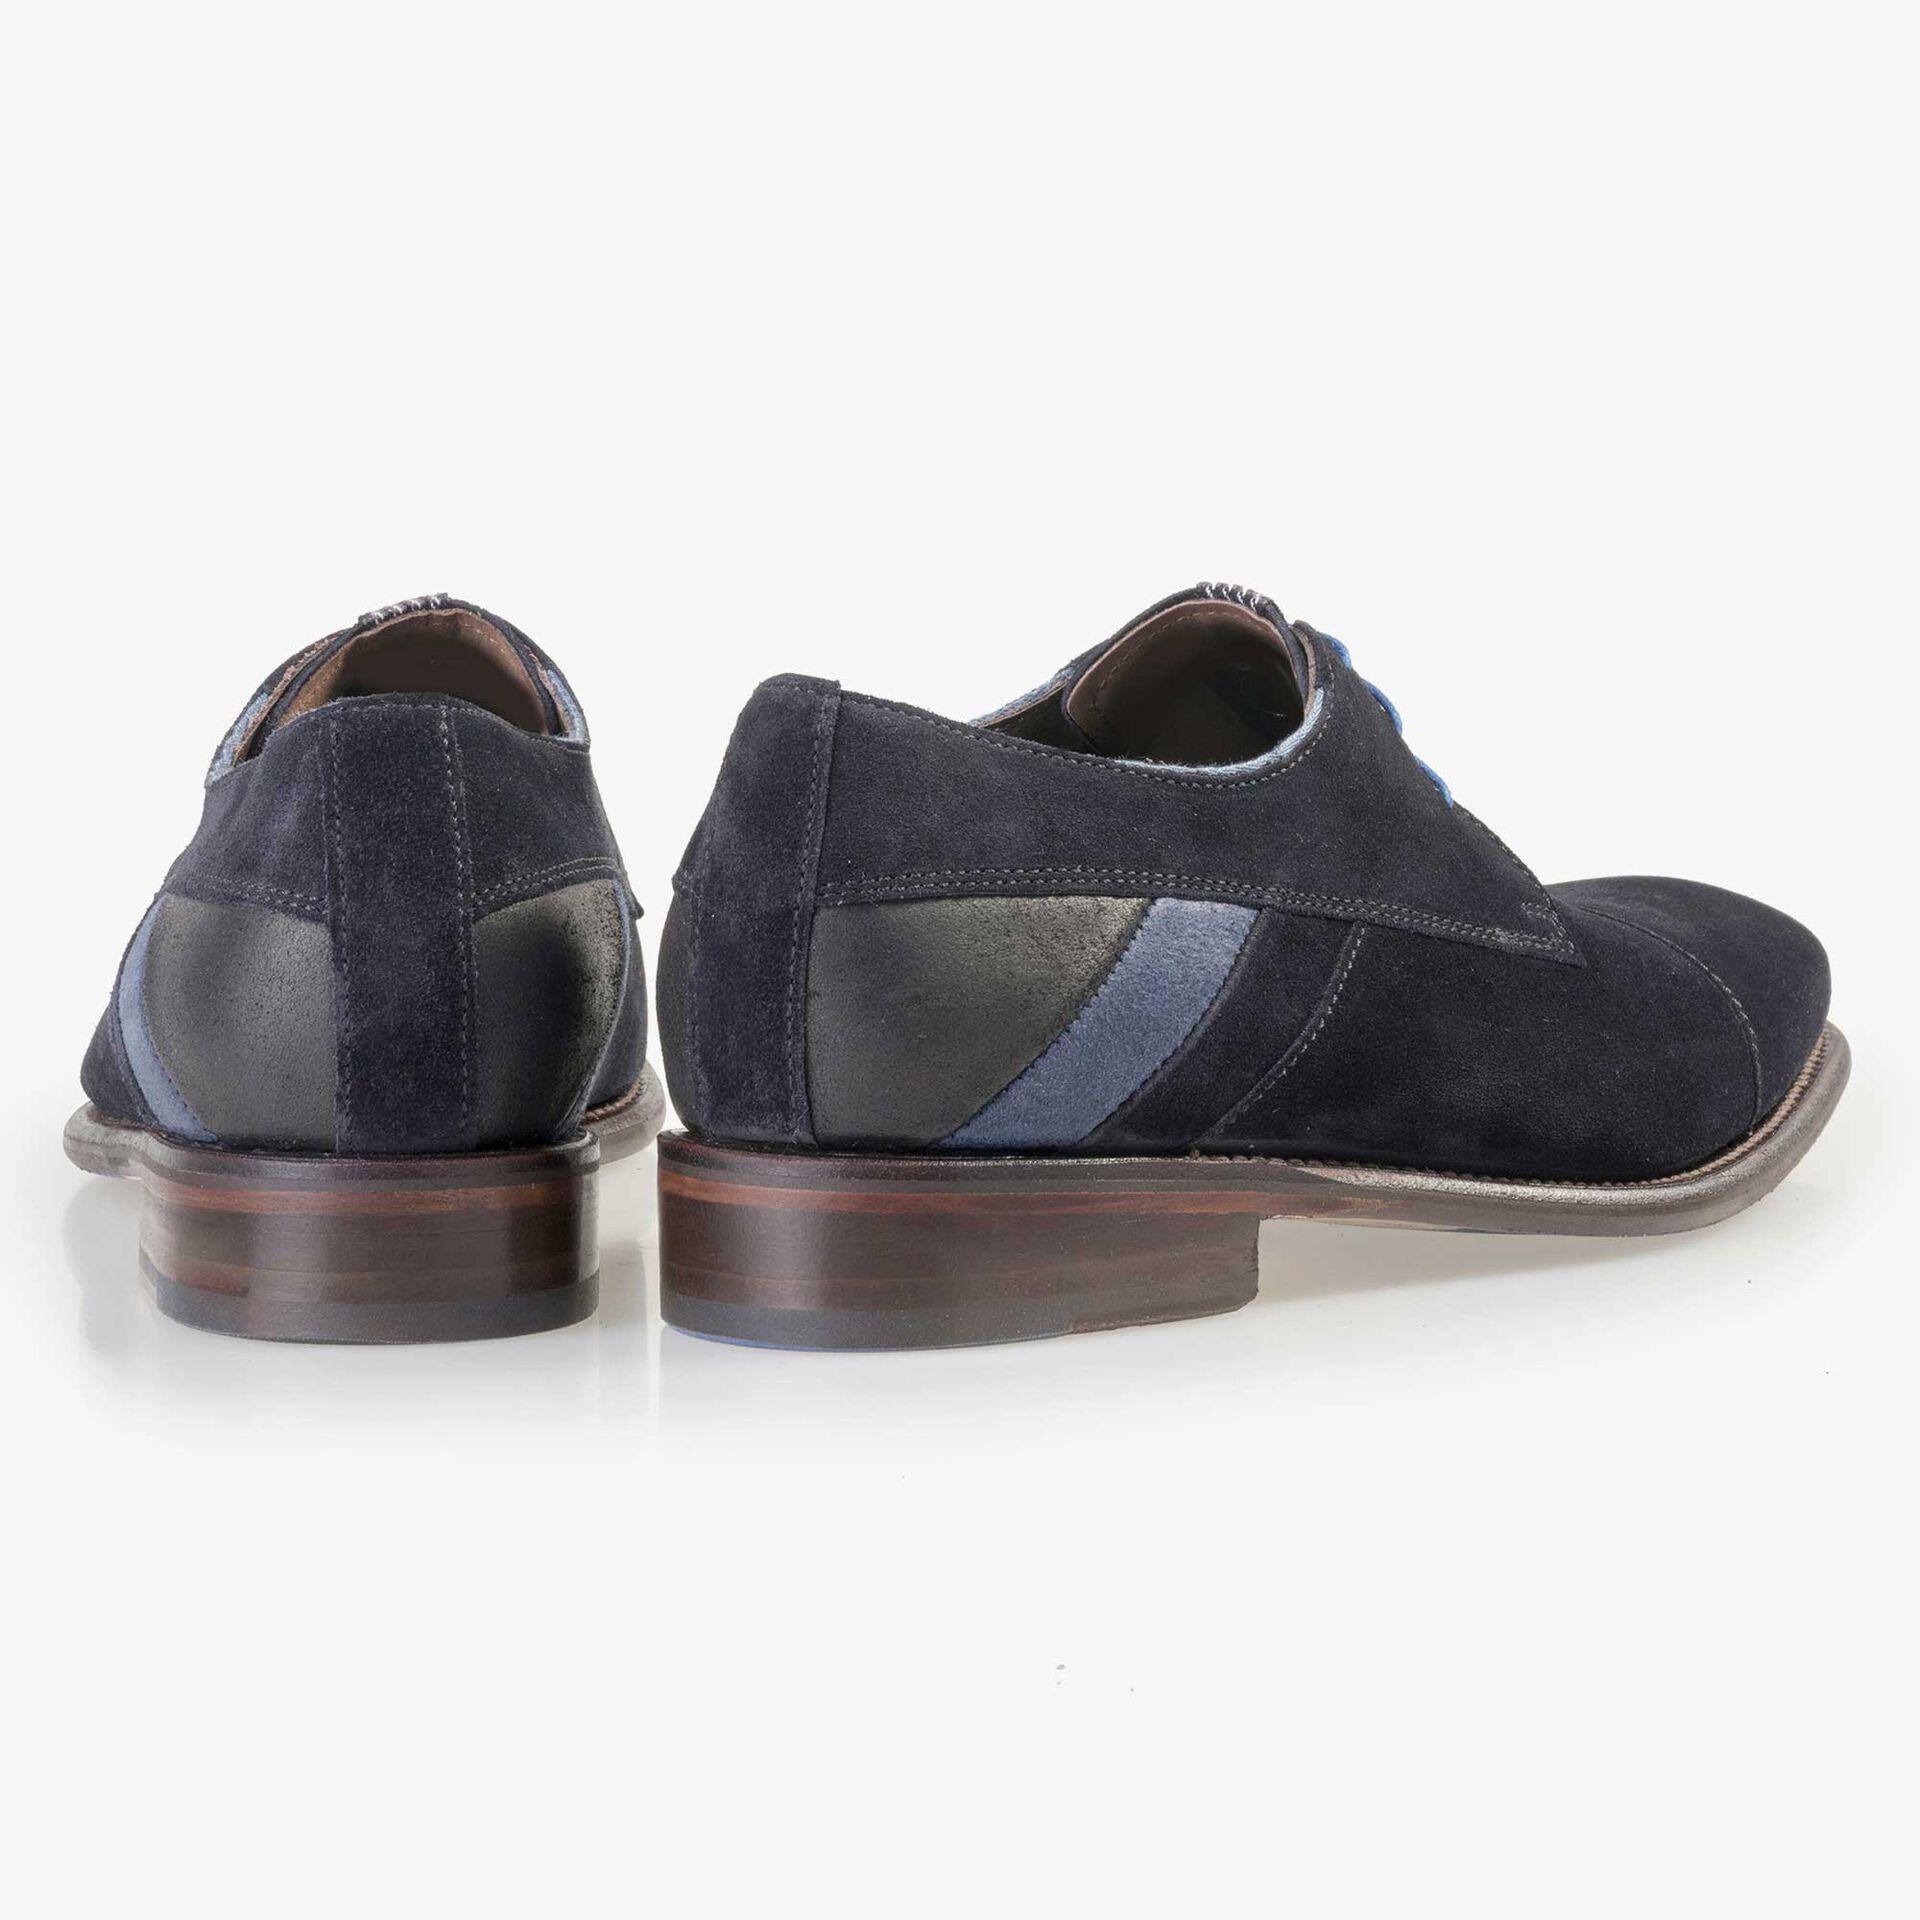 Floris van Bommel men's dark blue suede leather lace shoe